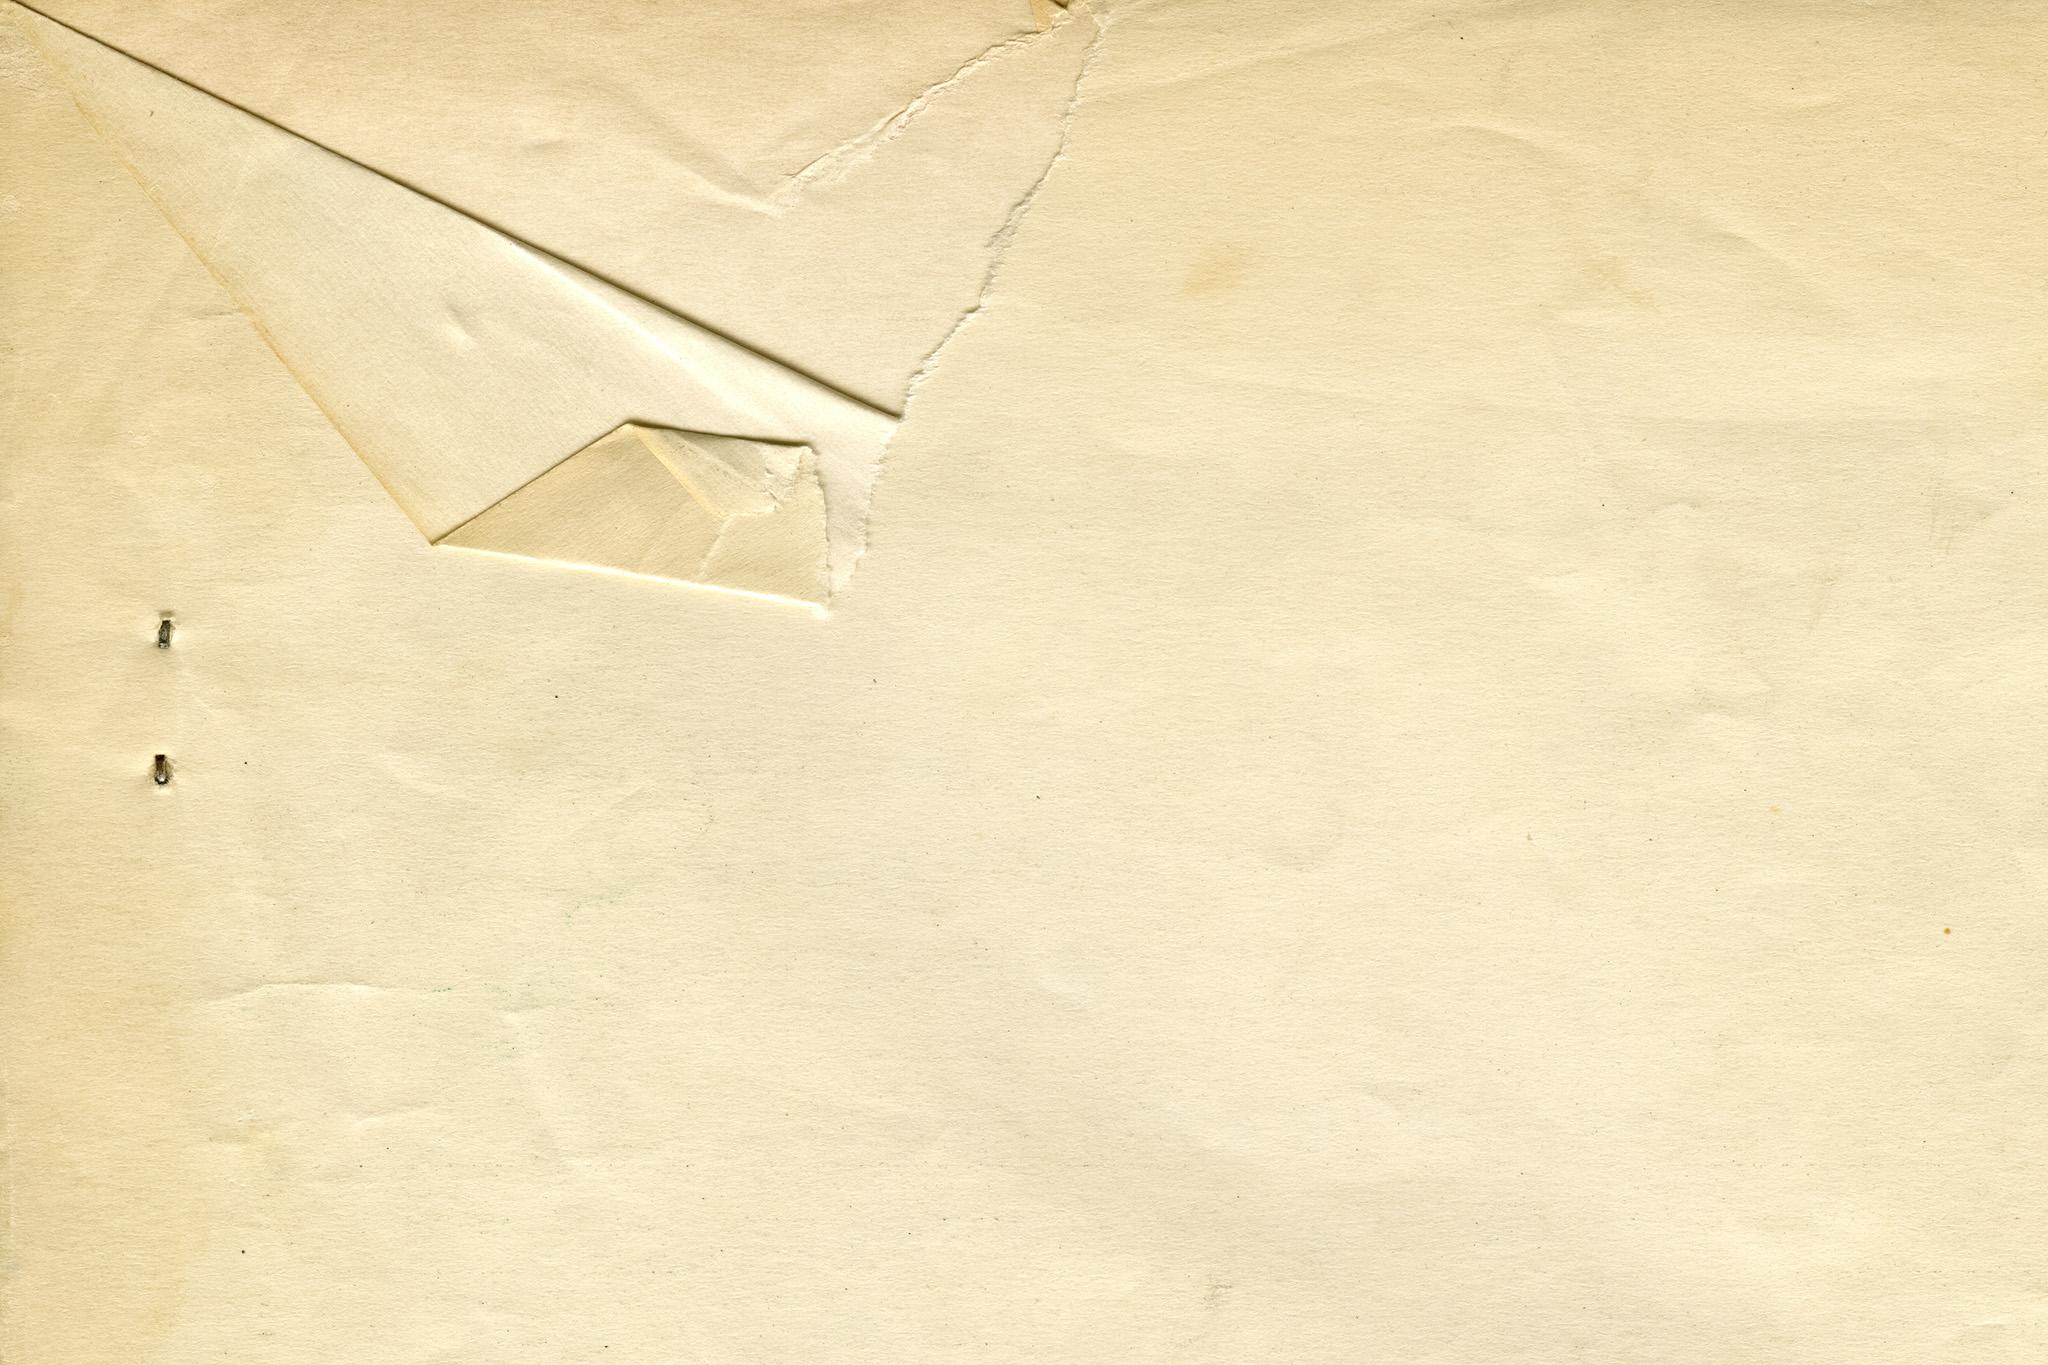 「レトロな破けた紙のテクスチャ」